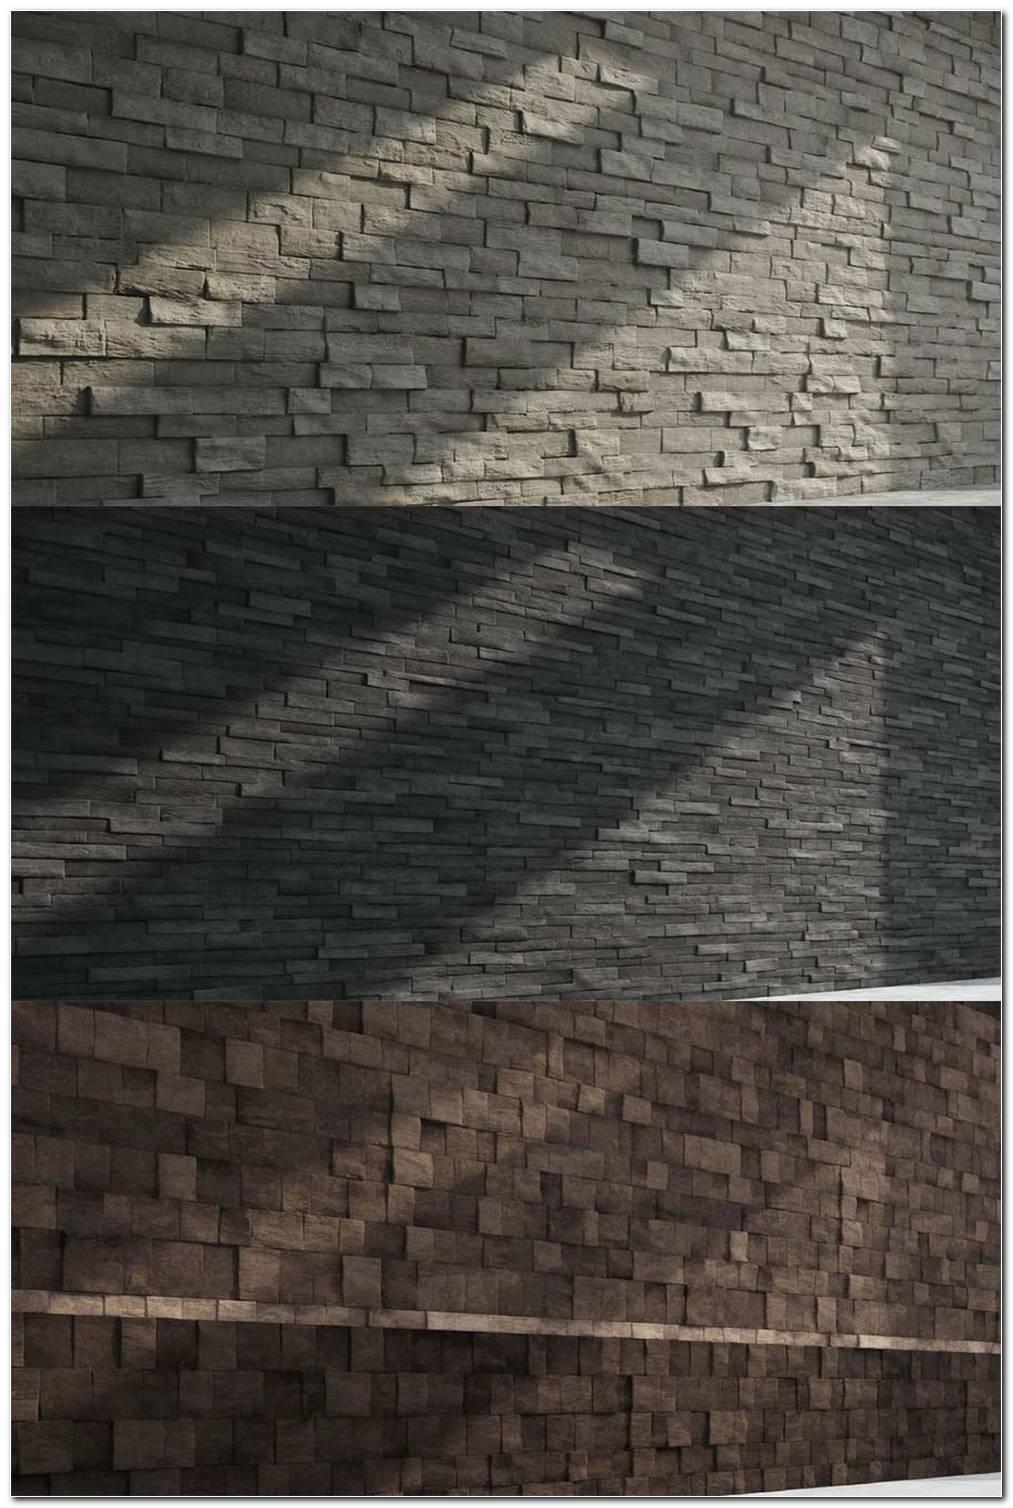 Muros Com Texturas